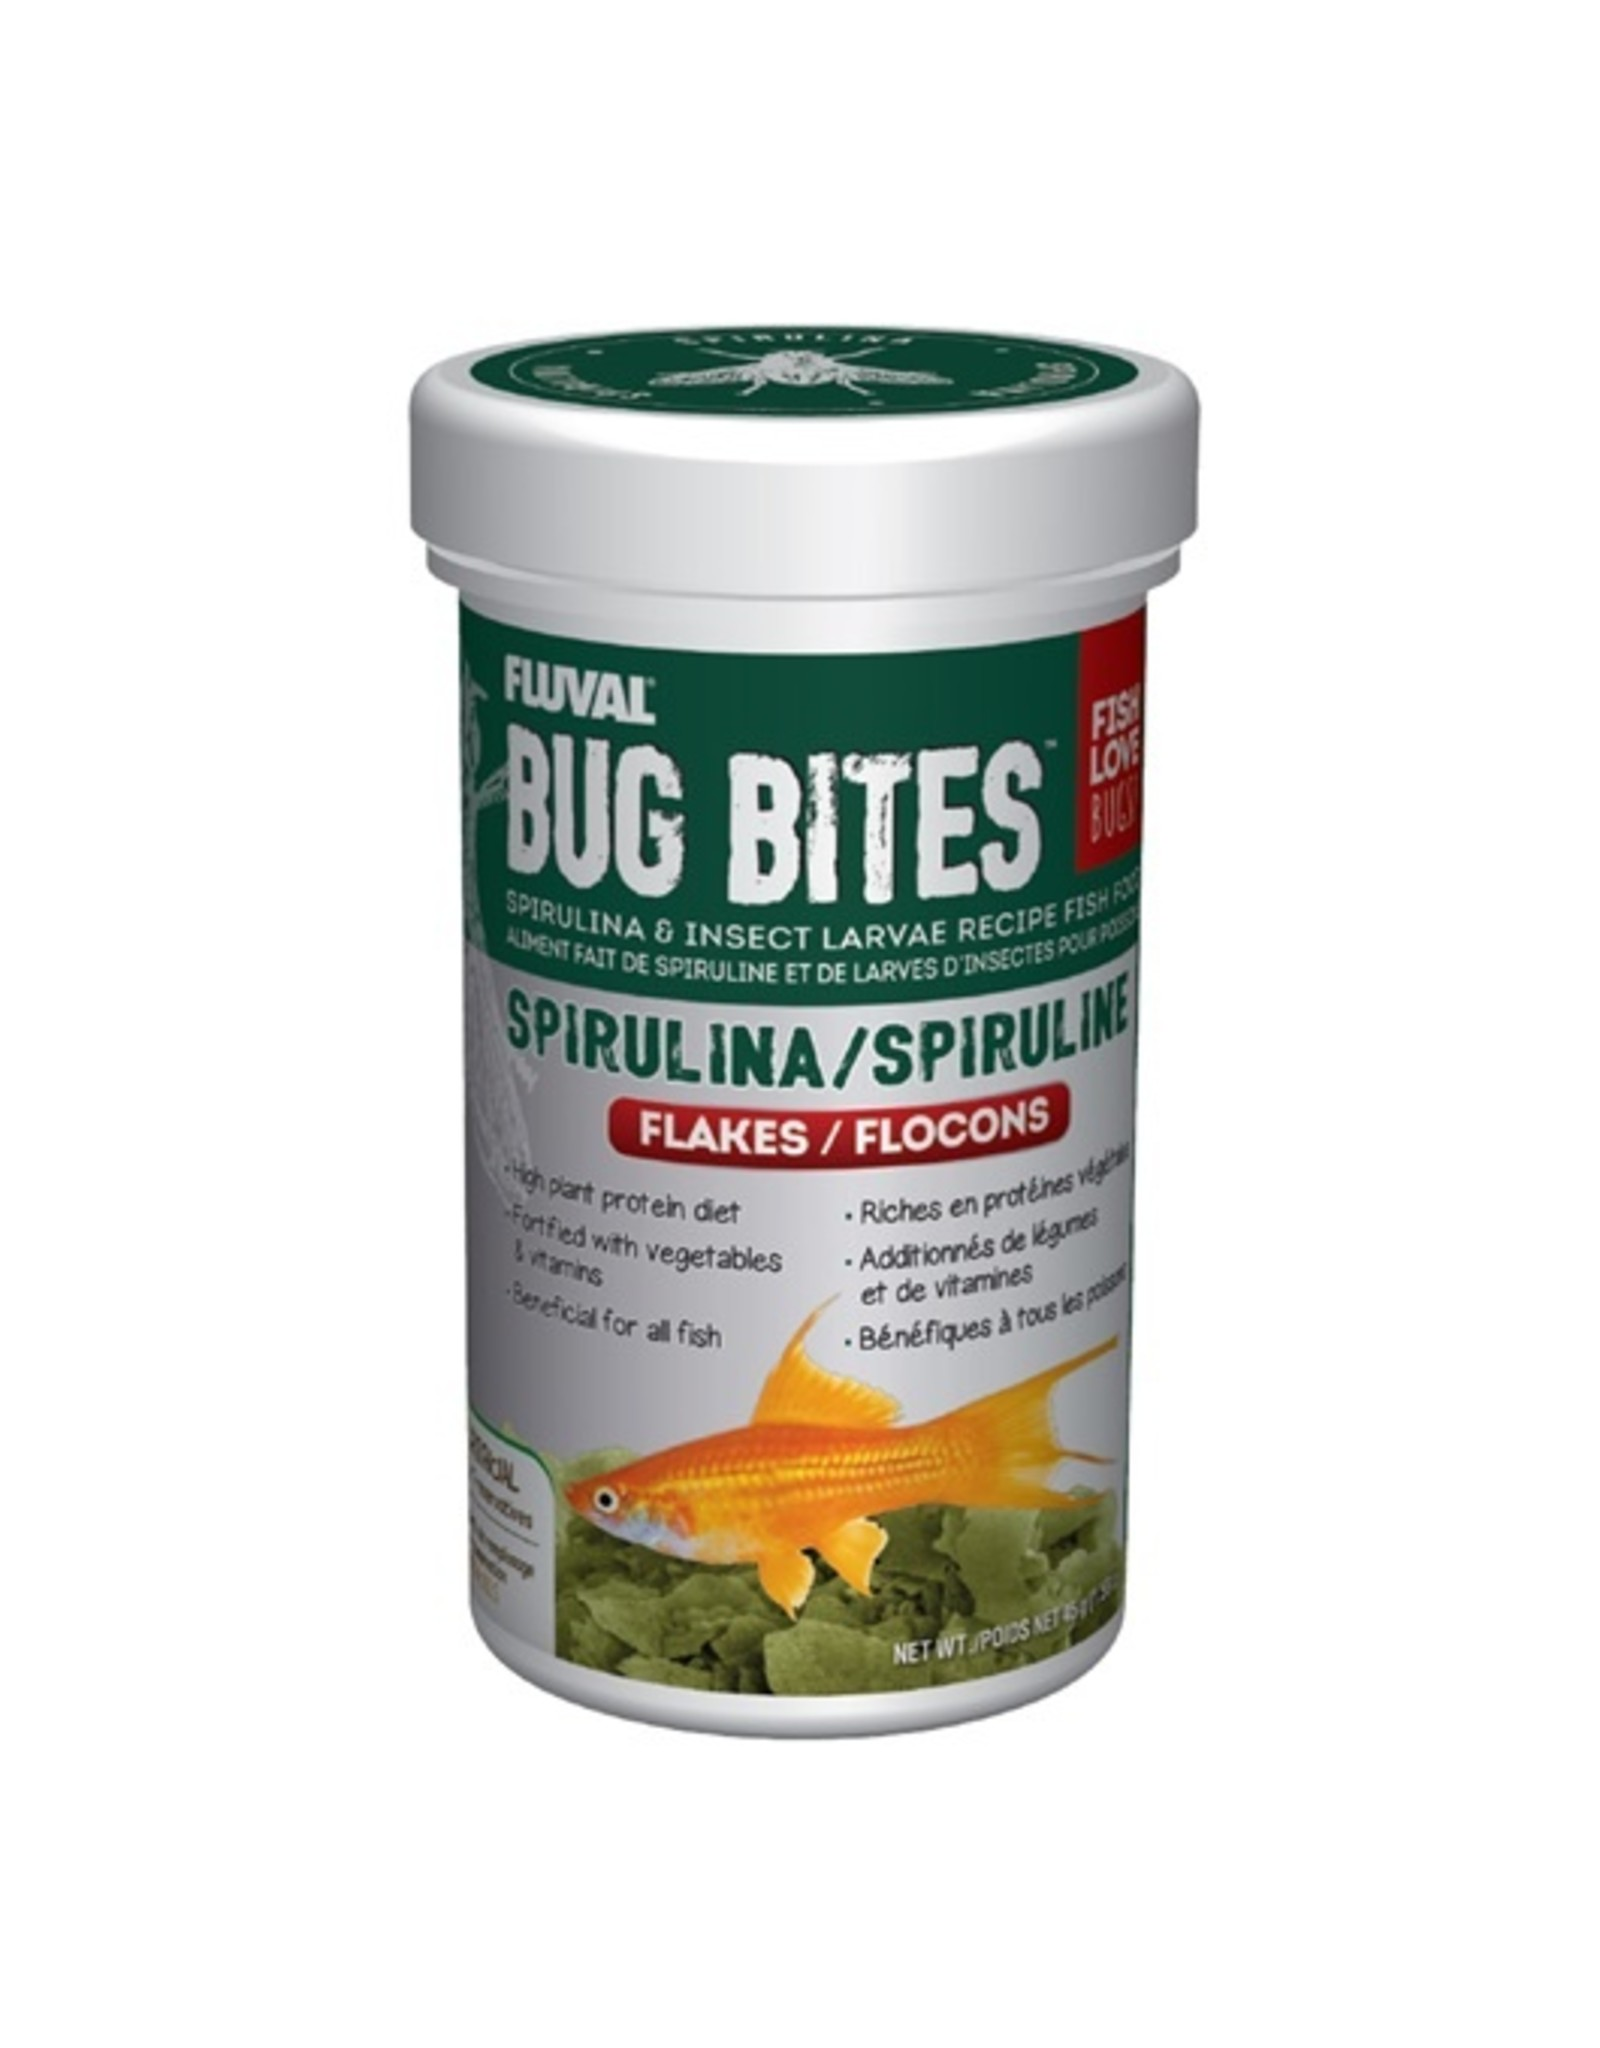 FL - Fluval Fluval Bug Bites Spirulina Flakes 45g